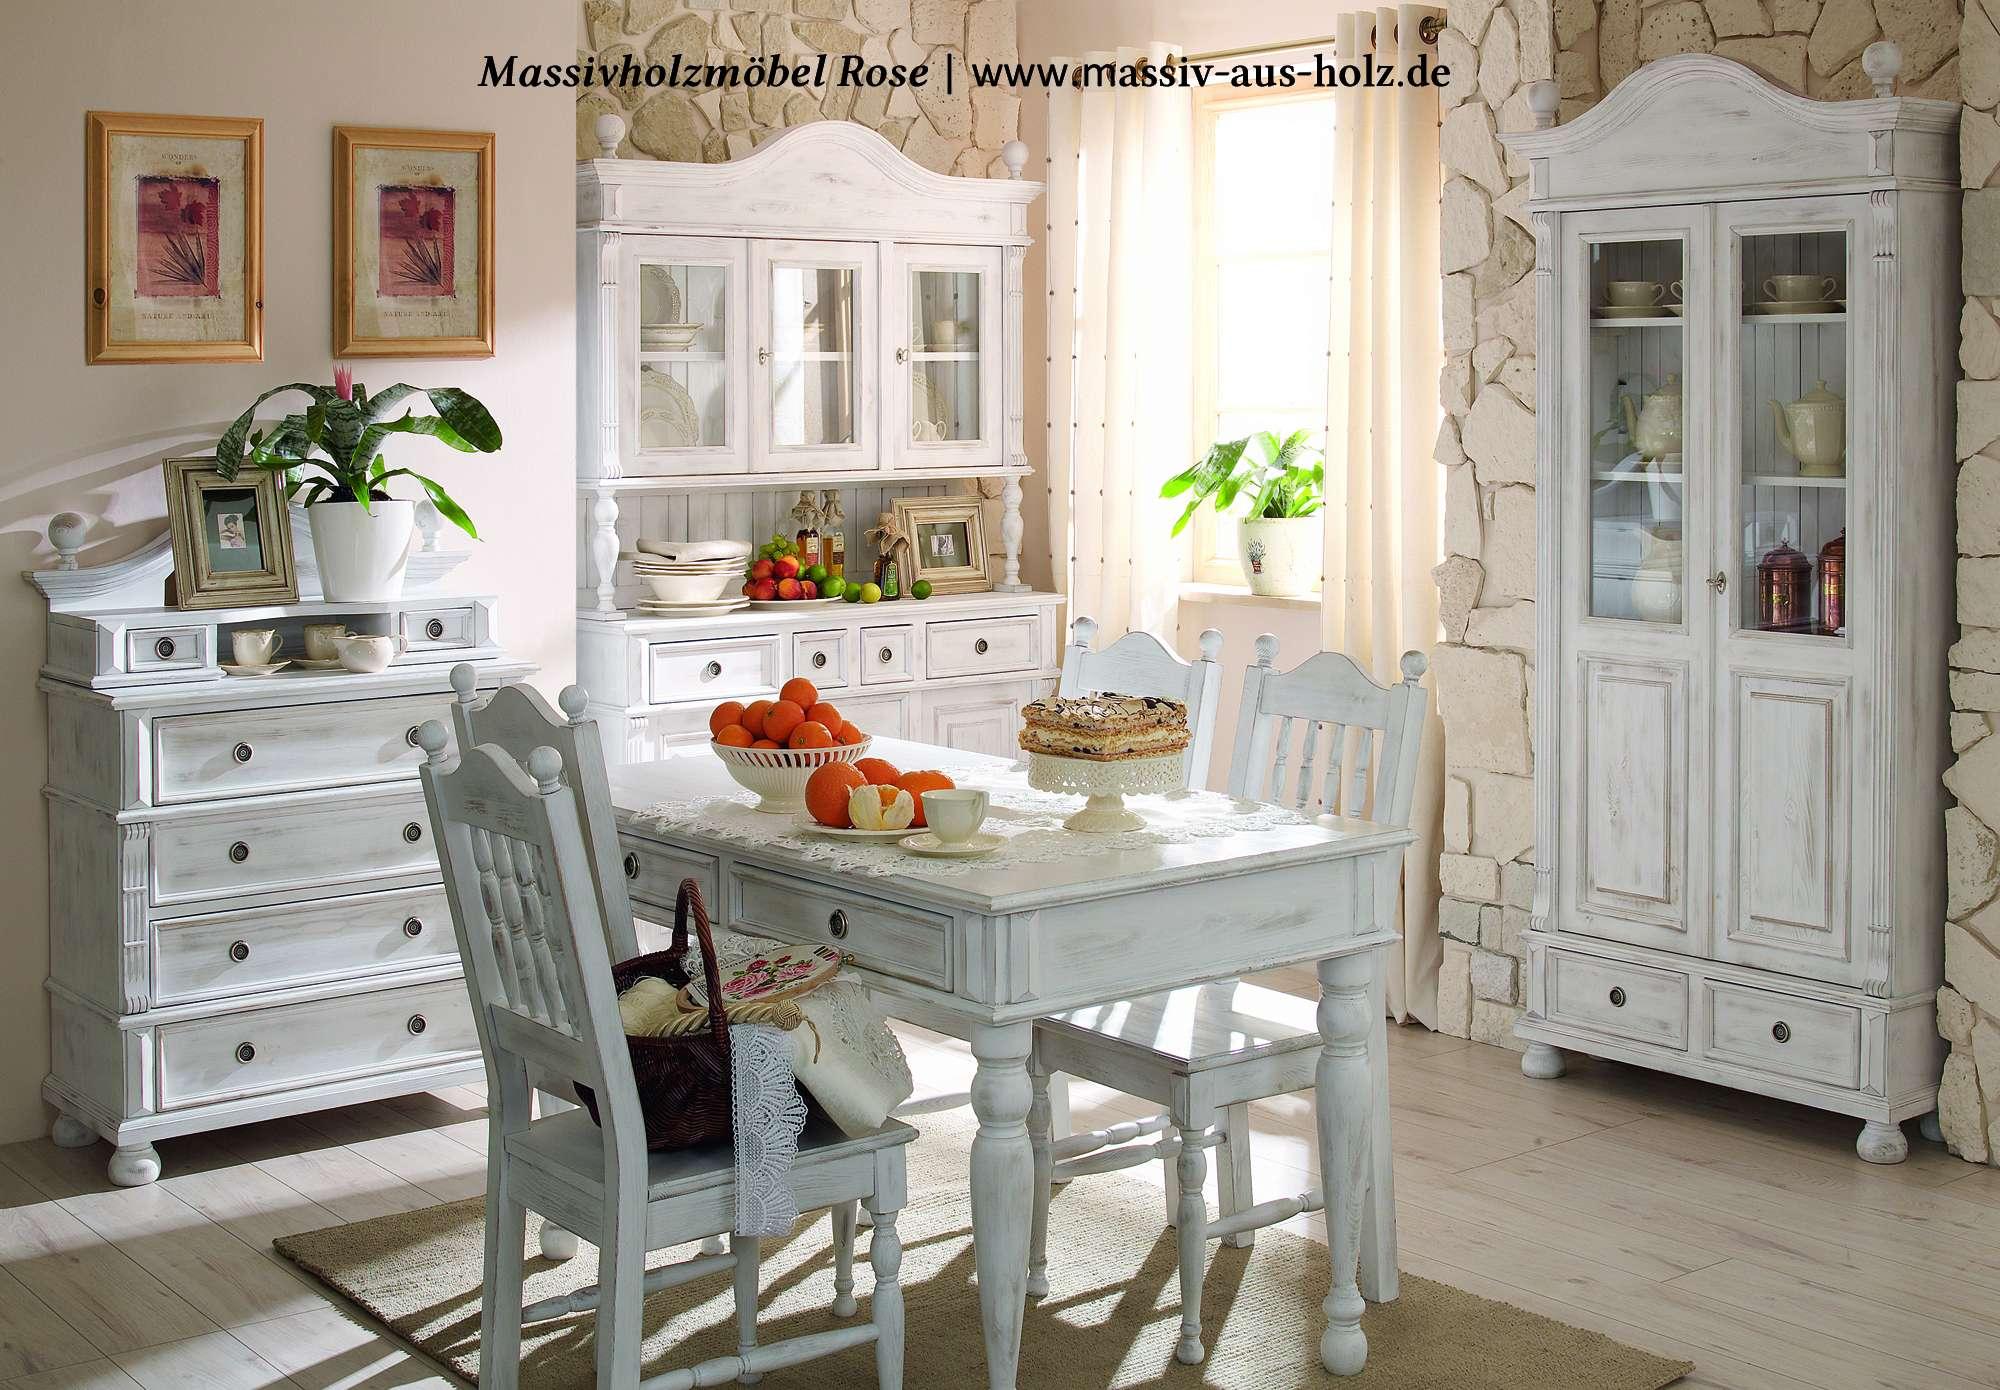 Ansprechend Massiv Aus Holz Foto Von Esszimmer Im Stil, Alt Weiß Shabby Chic